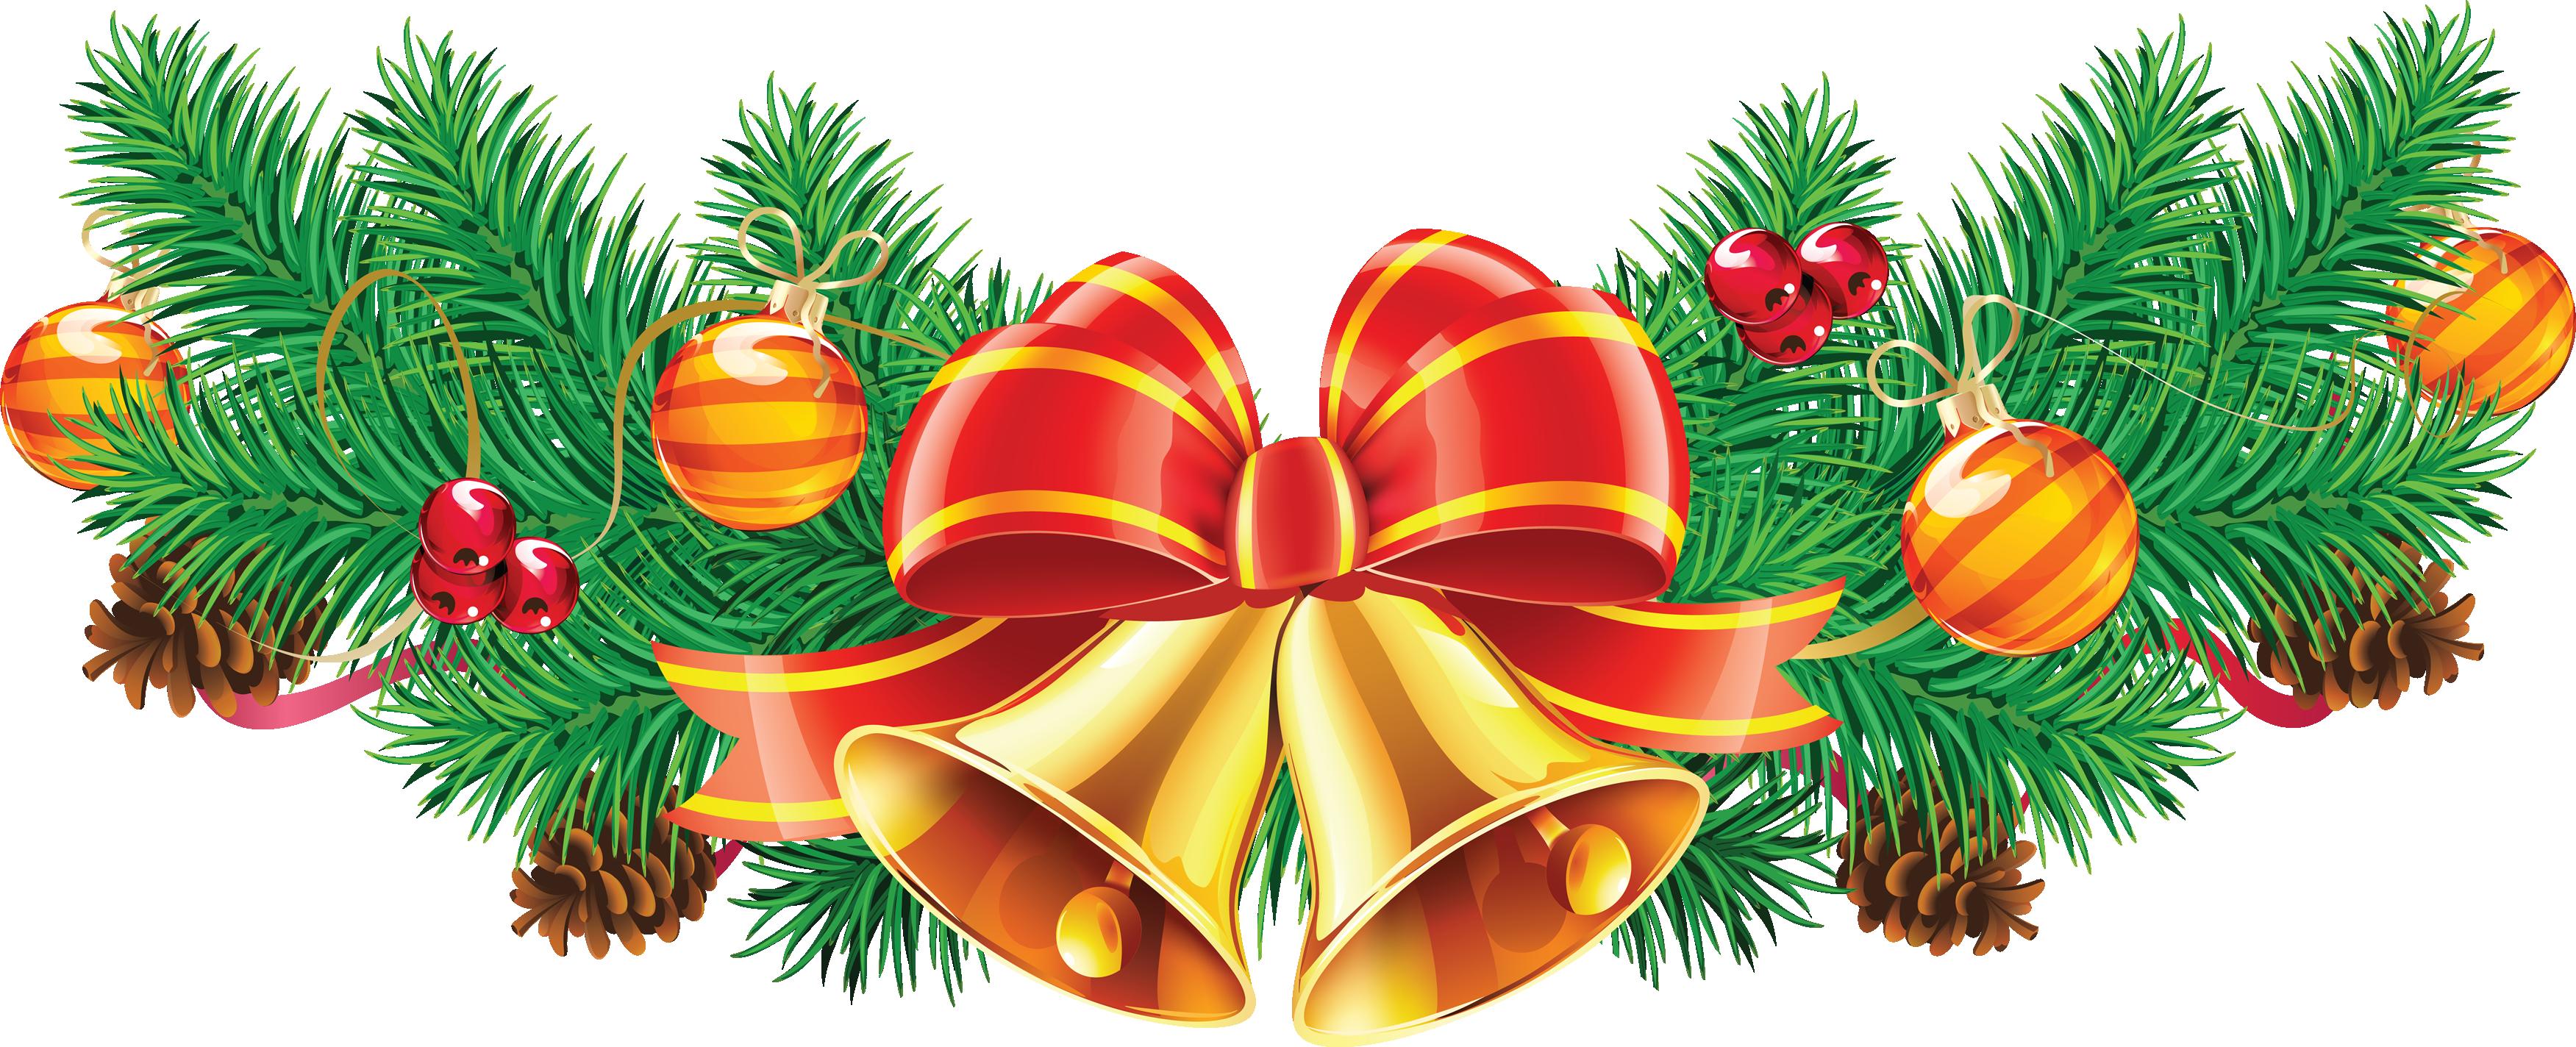 Christmas Ornaments Png image #35314 - Xmas PNG